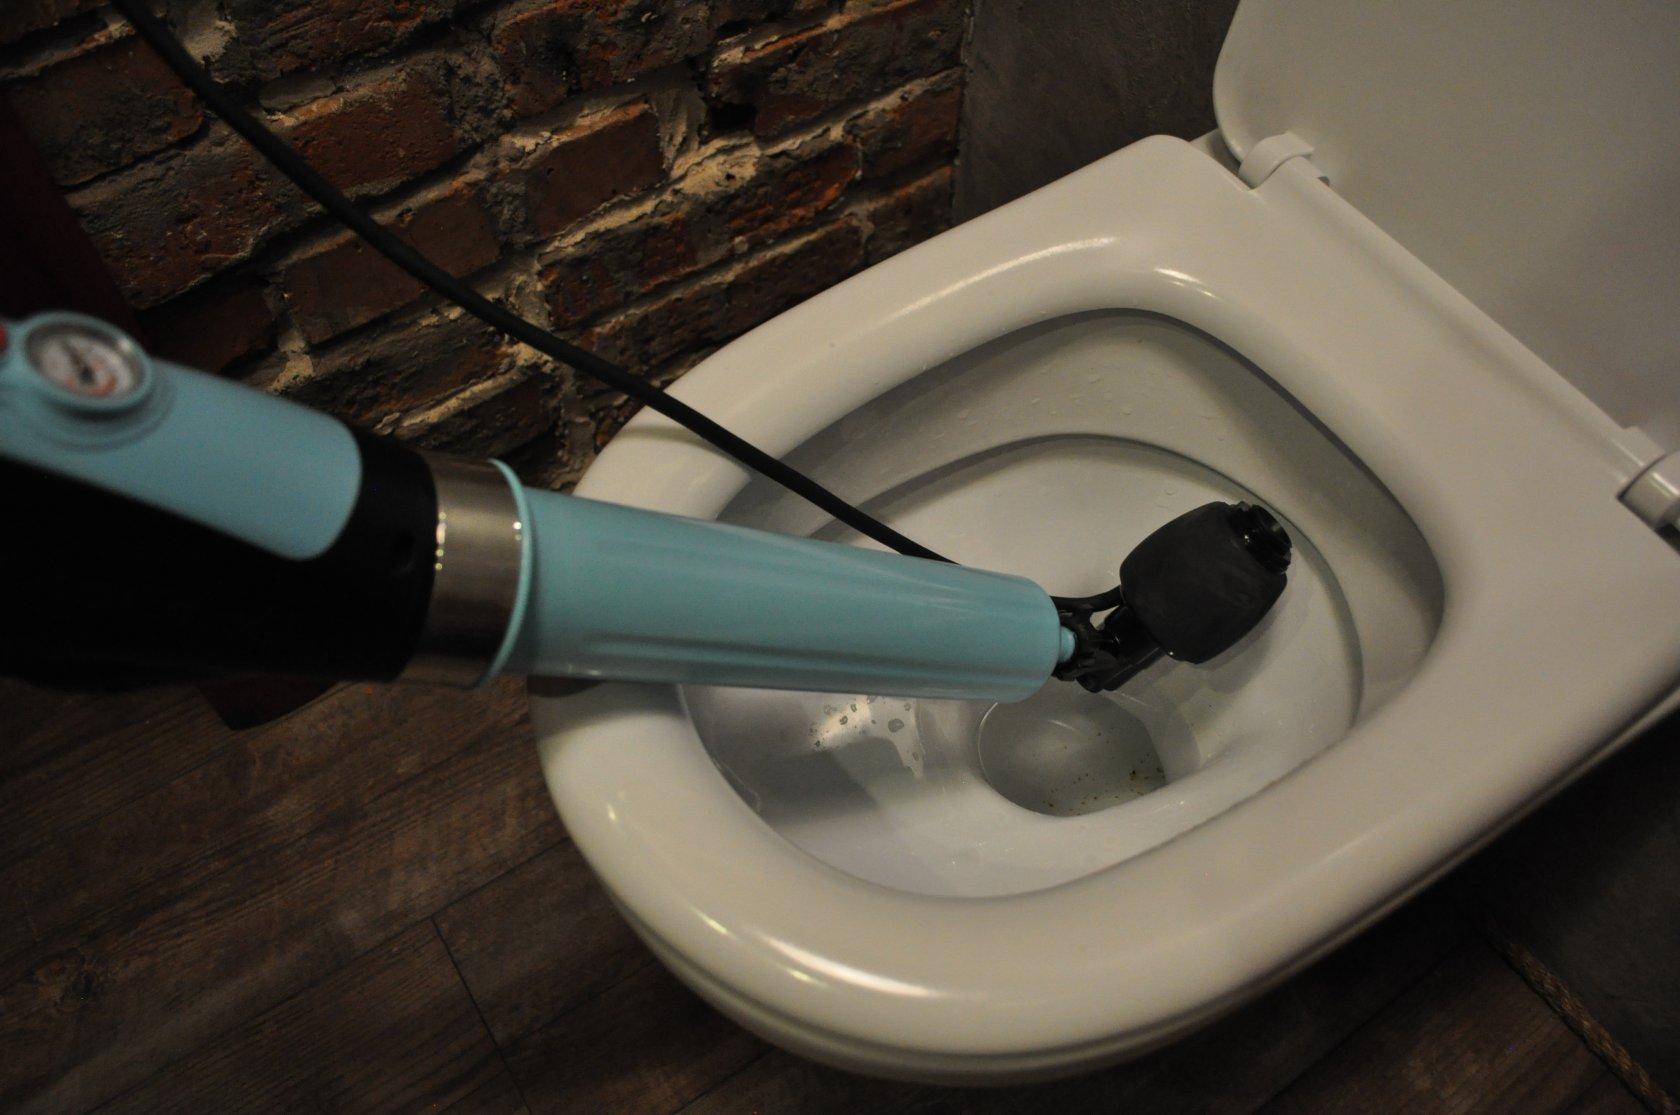 Чем прочистить канализационные трубы в частном доме: чистка канализации, как почистить, как пробить засор в домашних условиях, чем промыть, народные средства для очистки